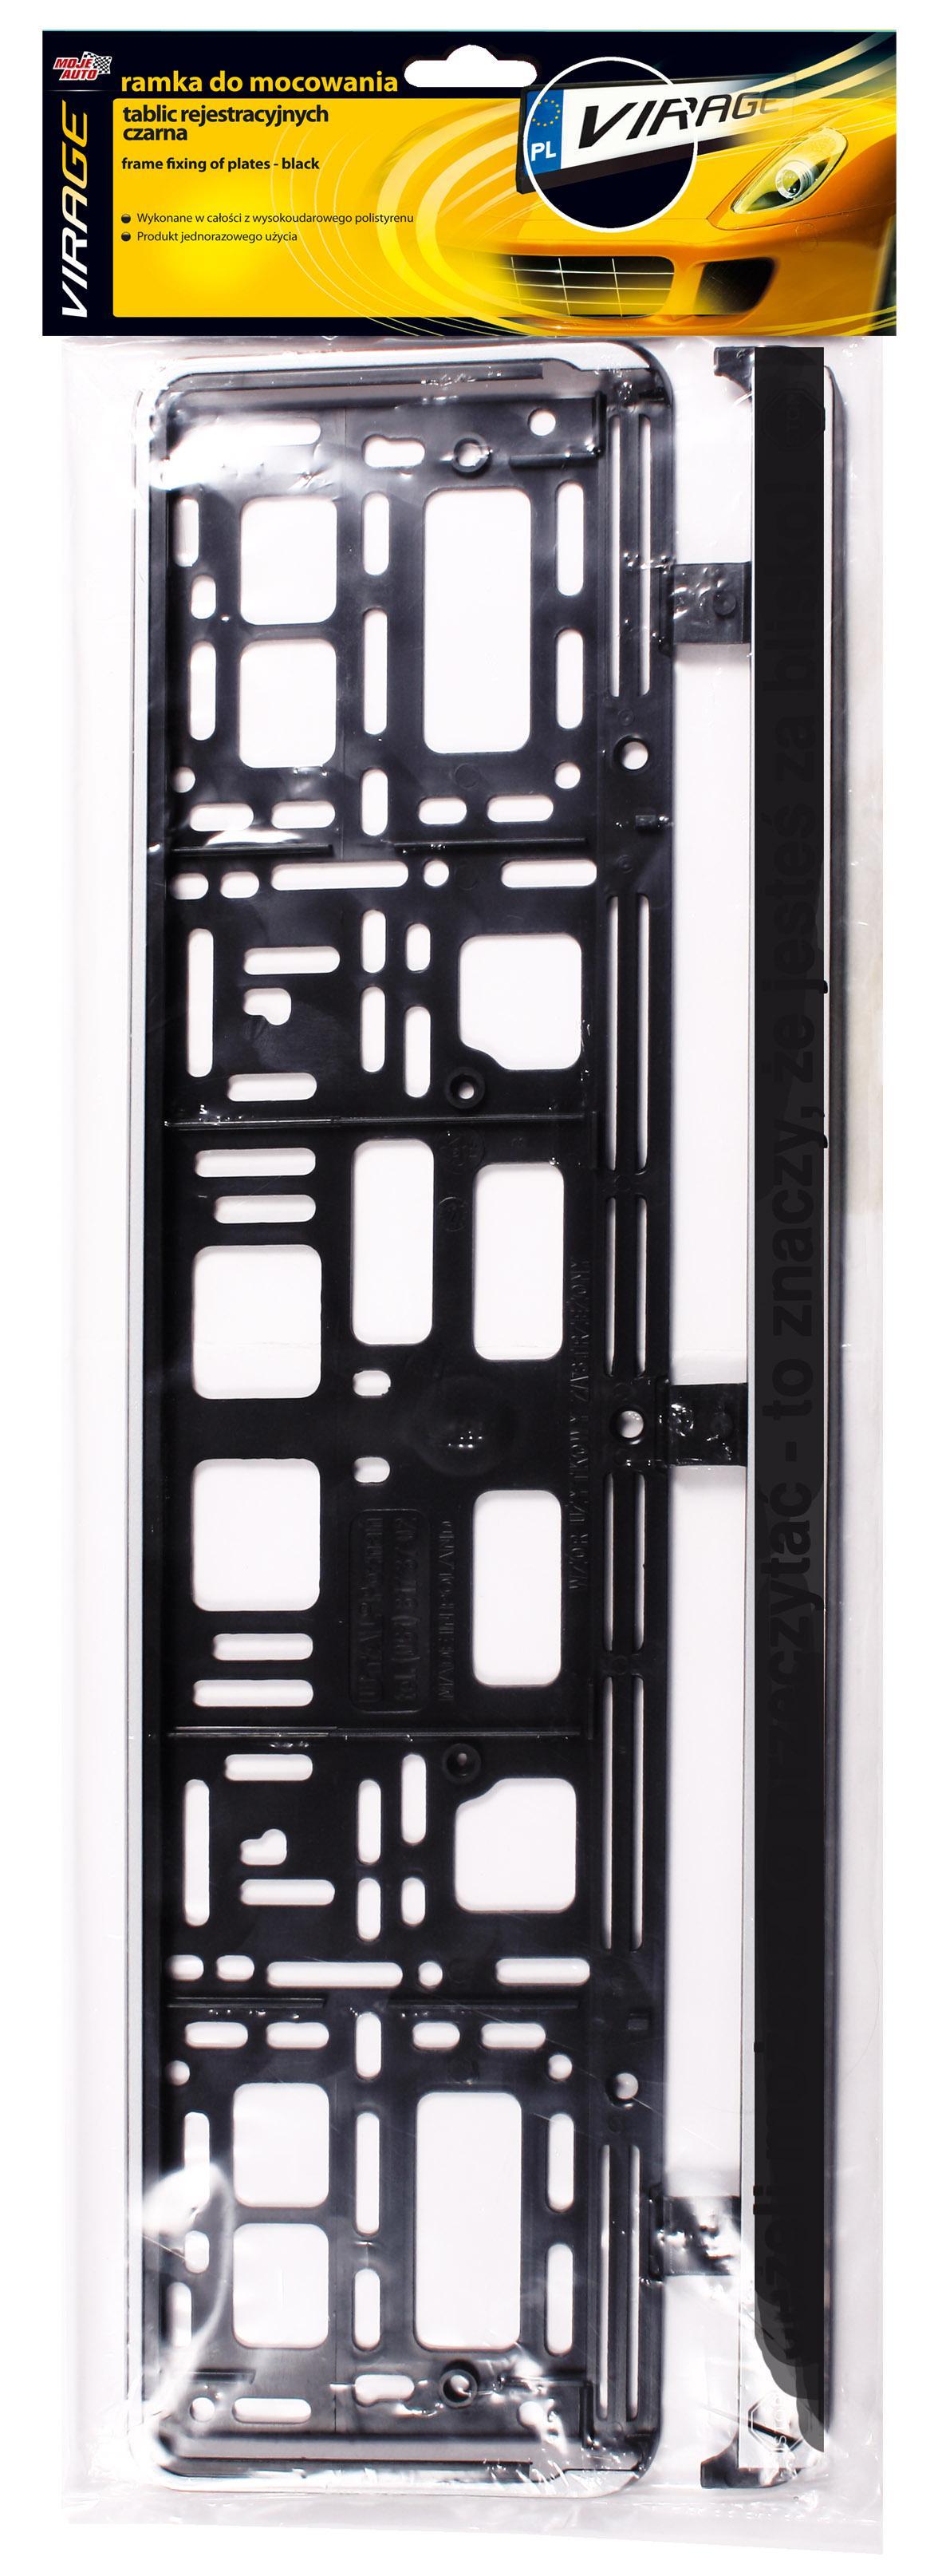 93001 Supporti per targhe auto VIRAGE 93-001 - Prezzo ridotto